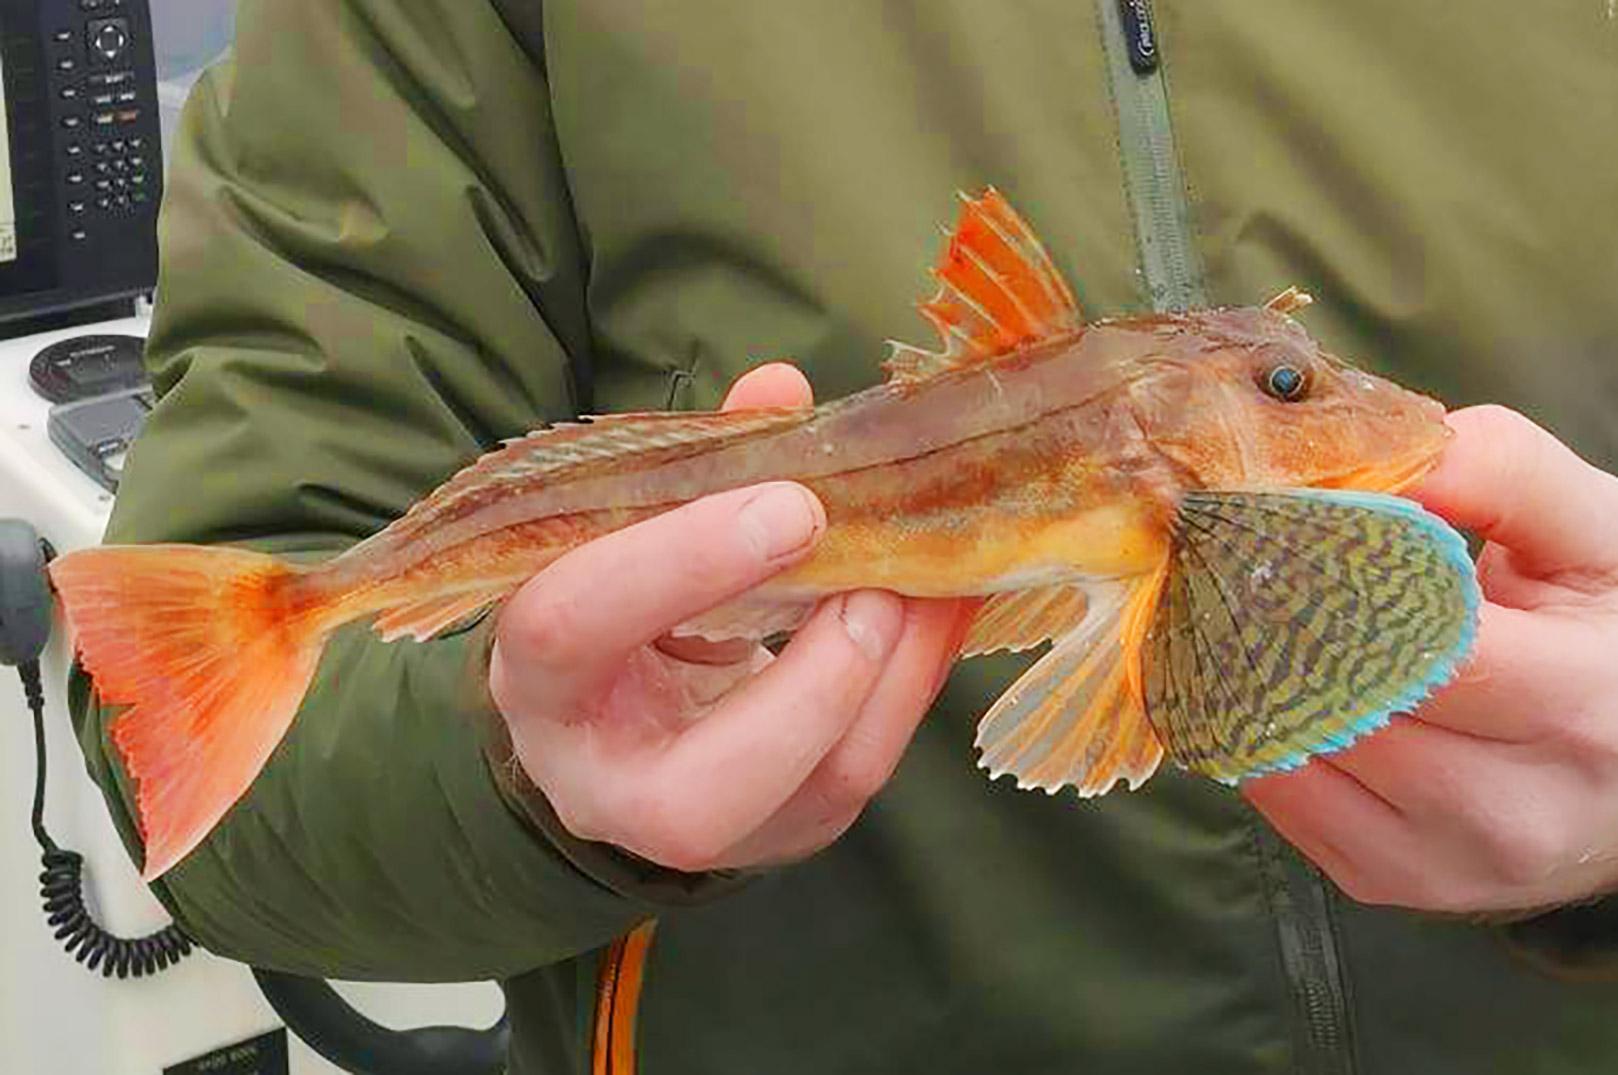 Dagens smukkeste fangst var nok denne skønne knurhane.